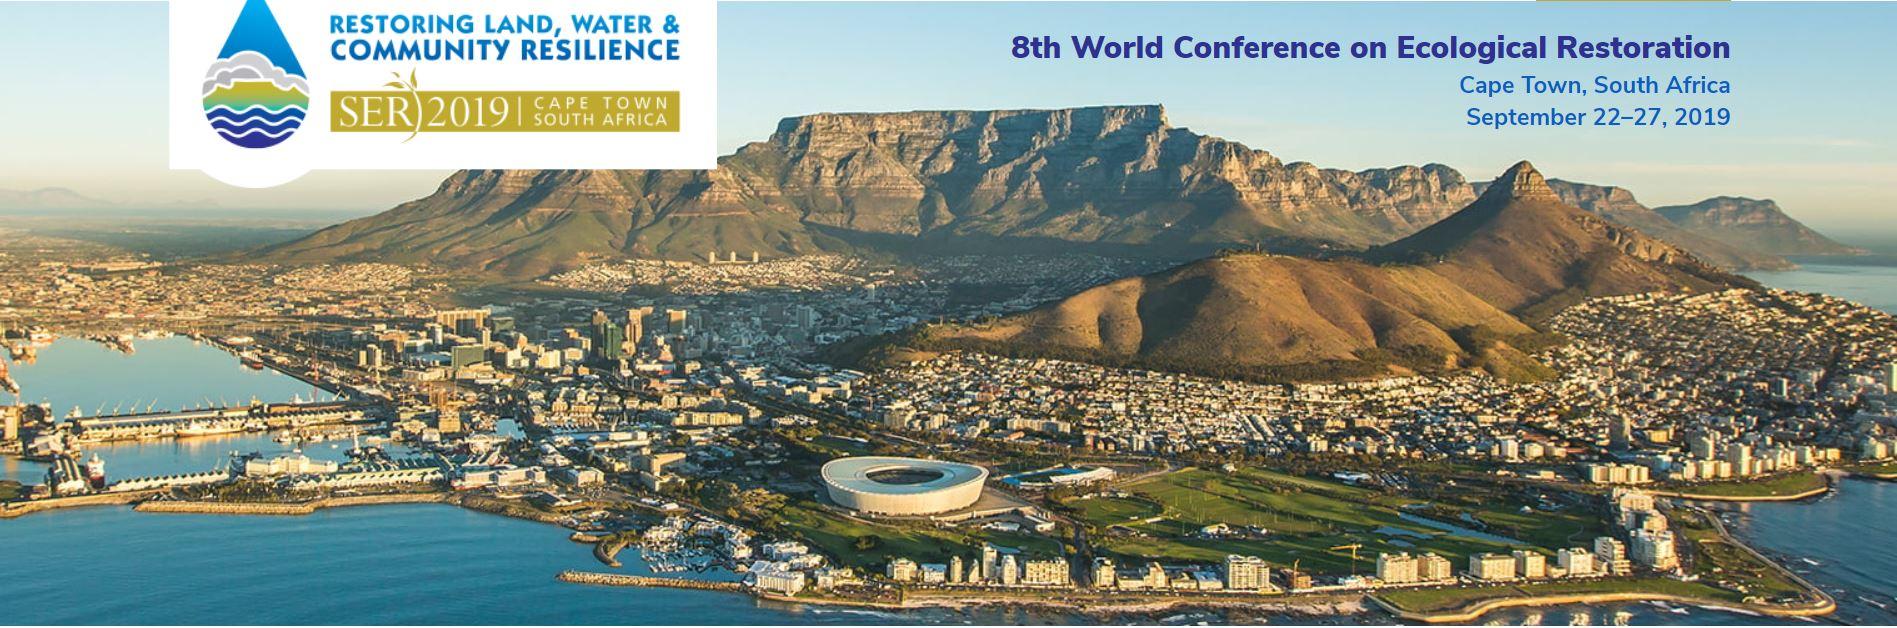 SER 2019: 8th World Conference on Ecological restoration